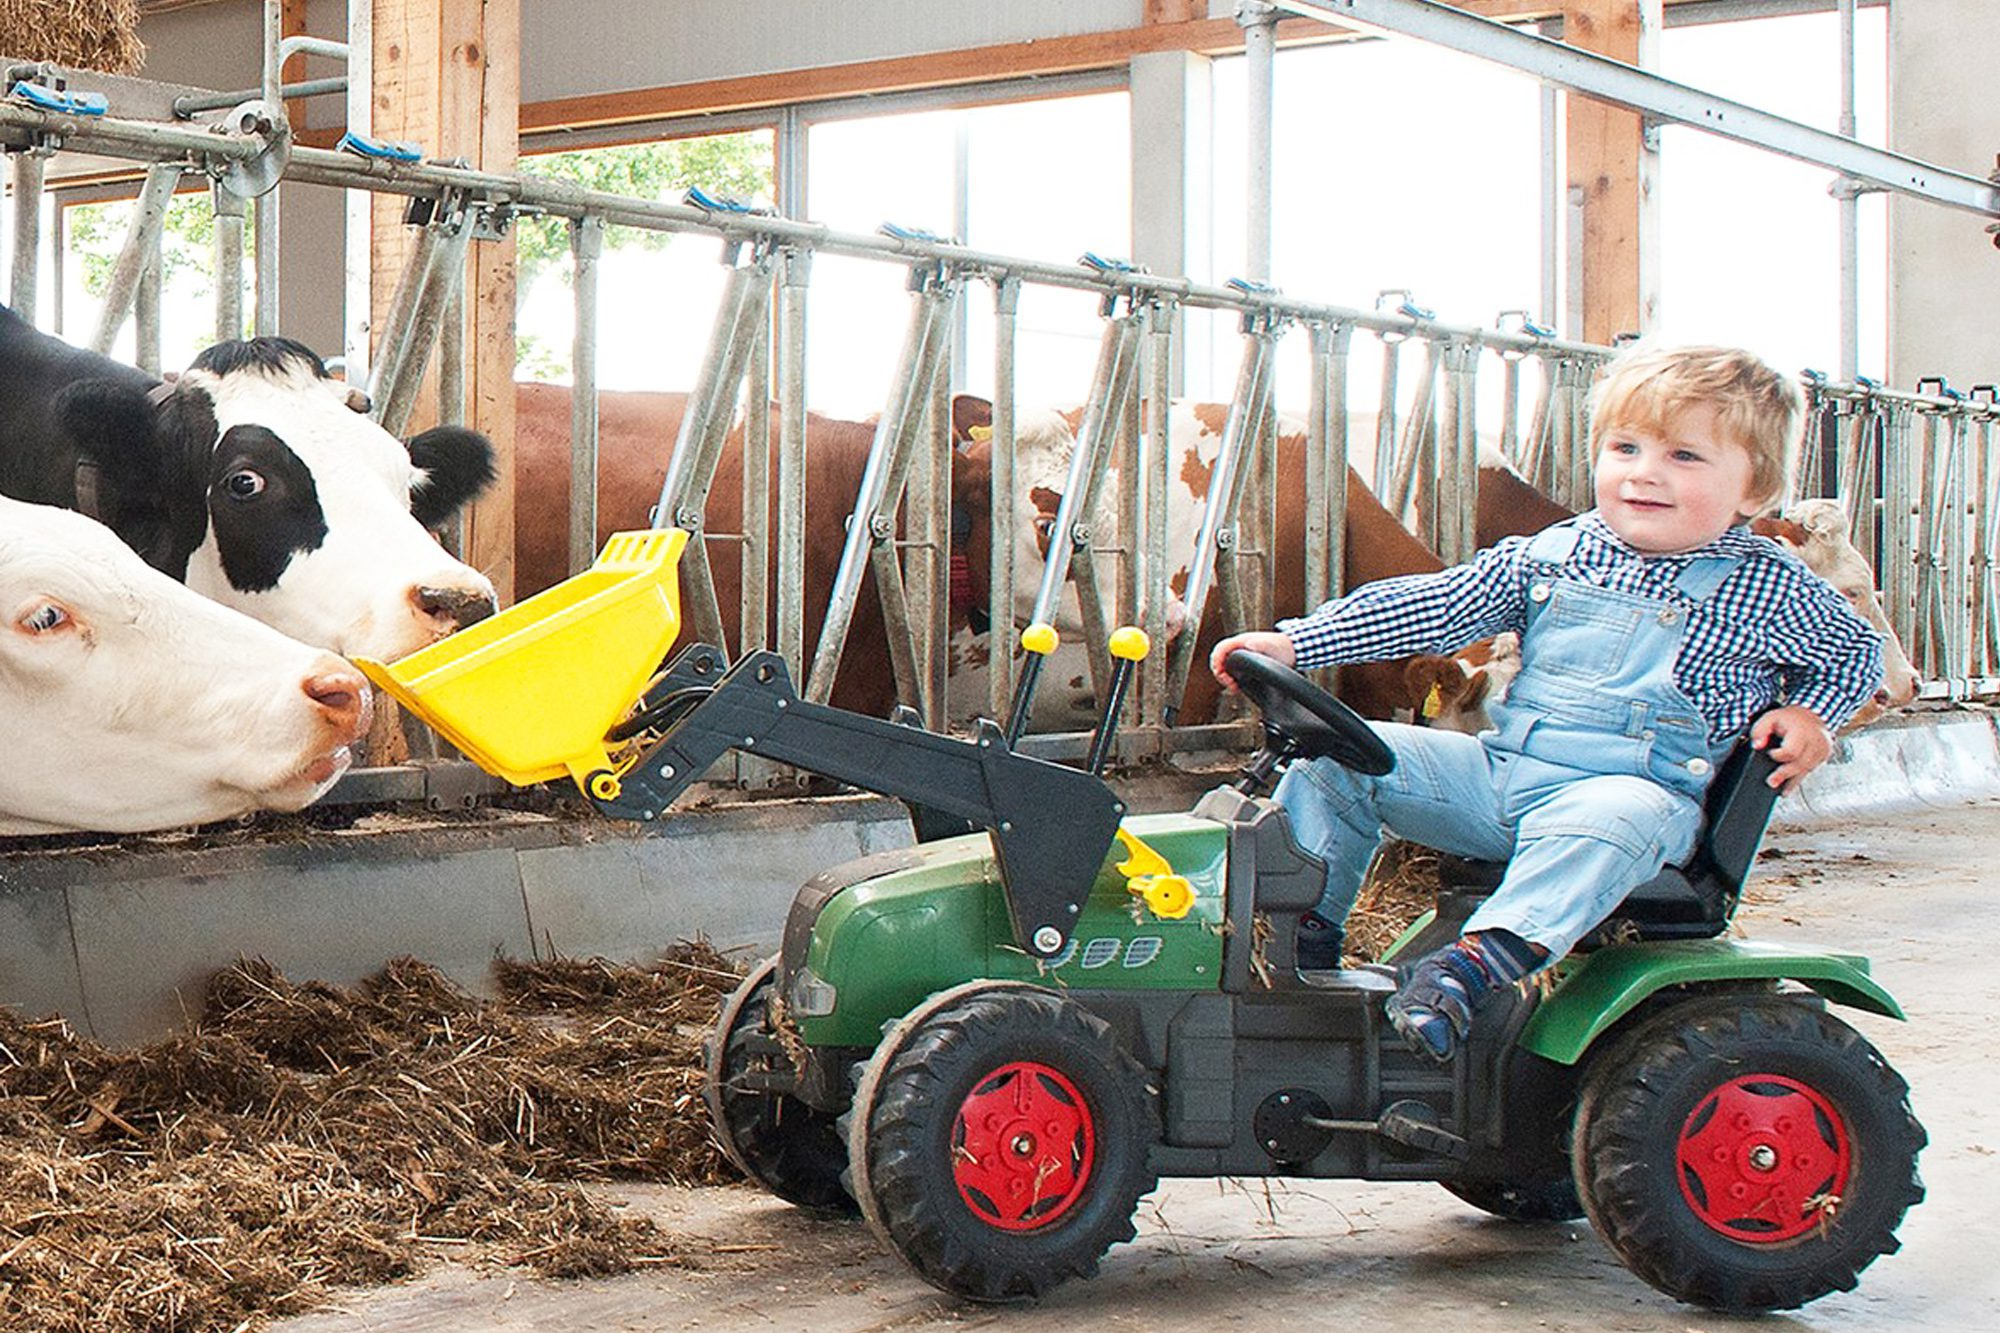 Ein kleiner Bub auf seinem Trettraktor im Kuhstall